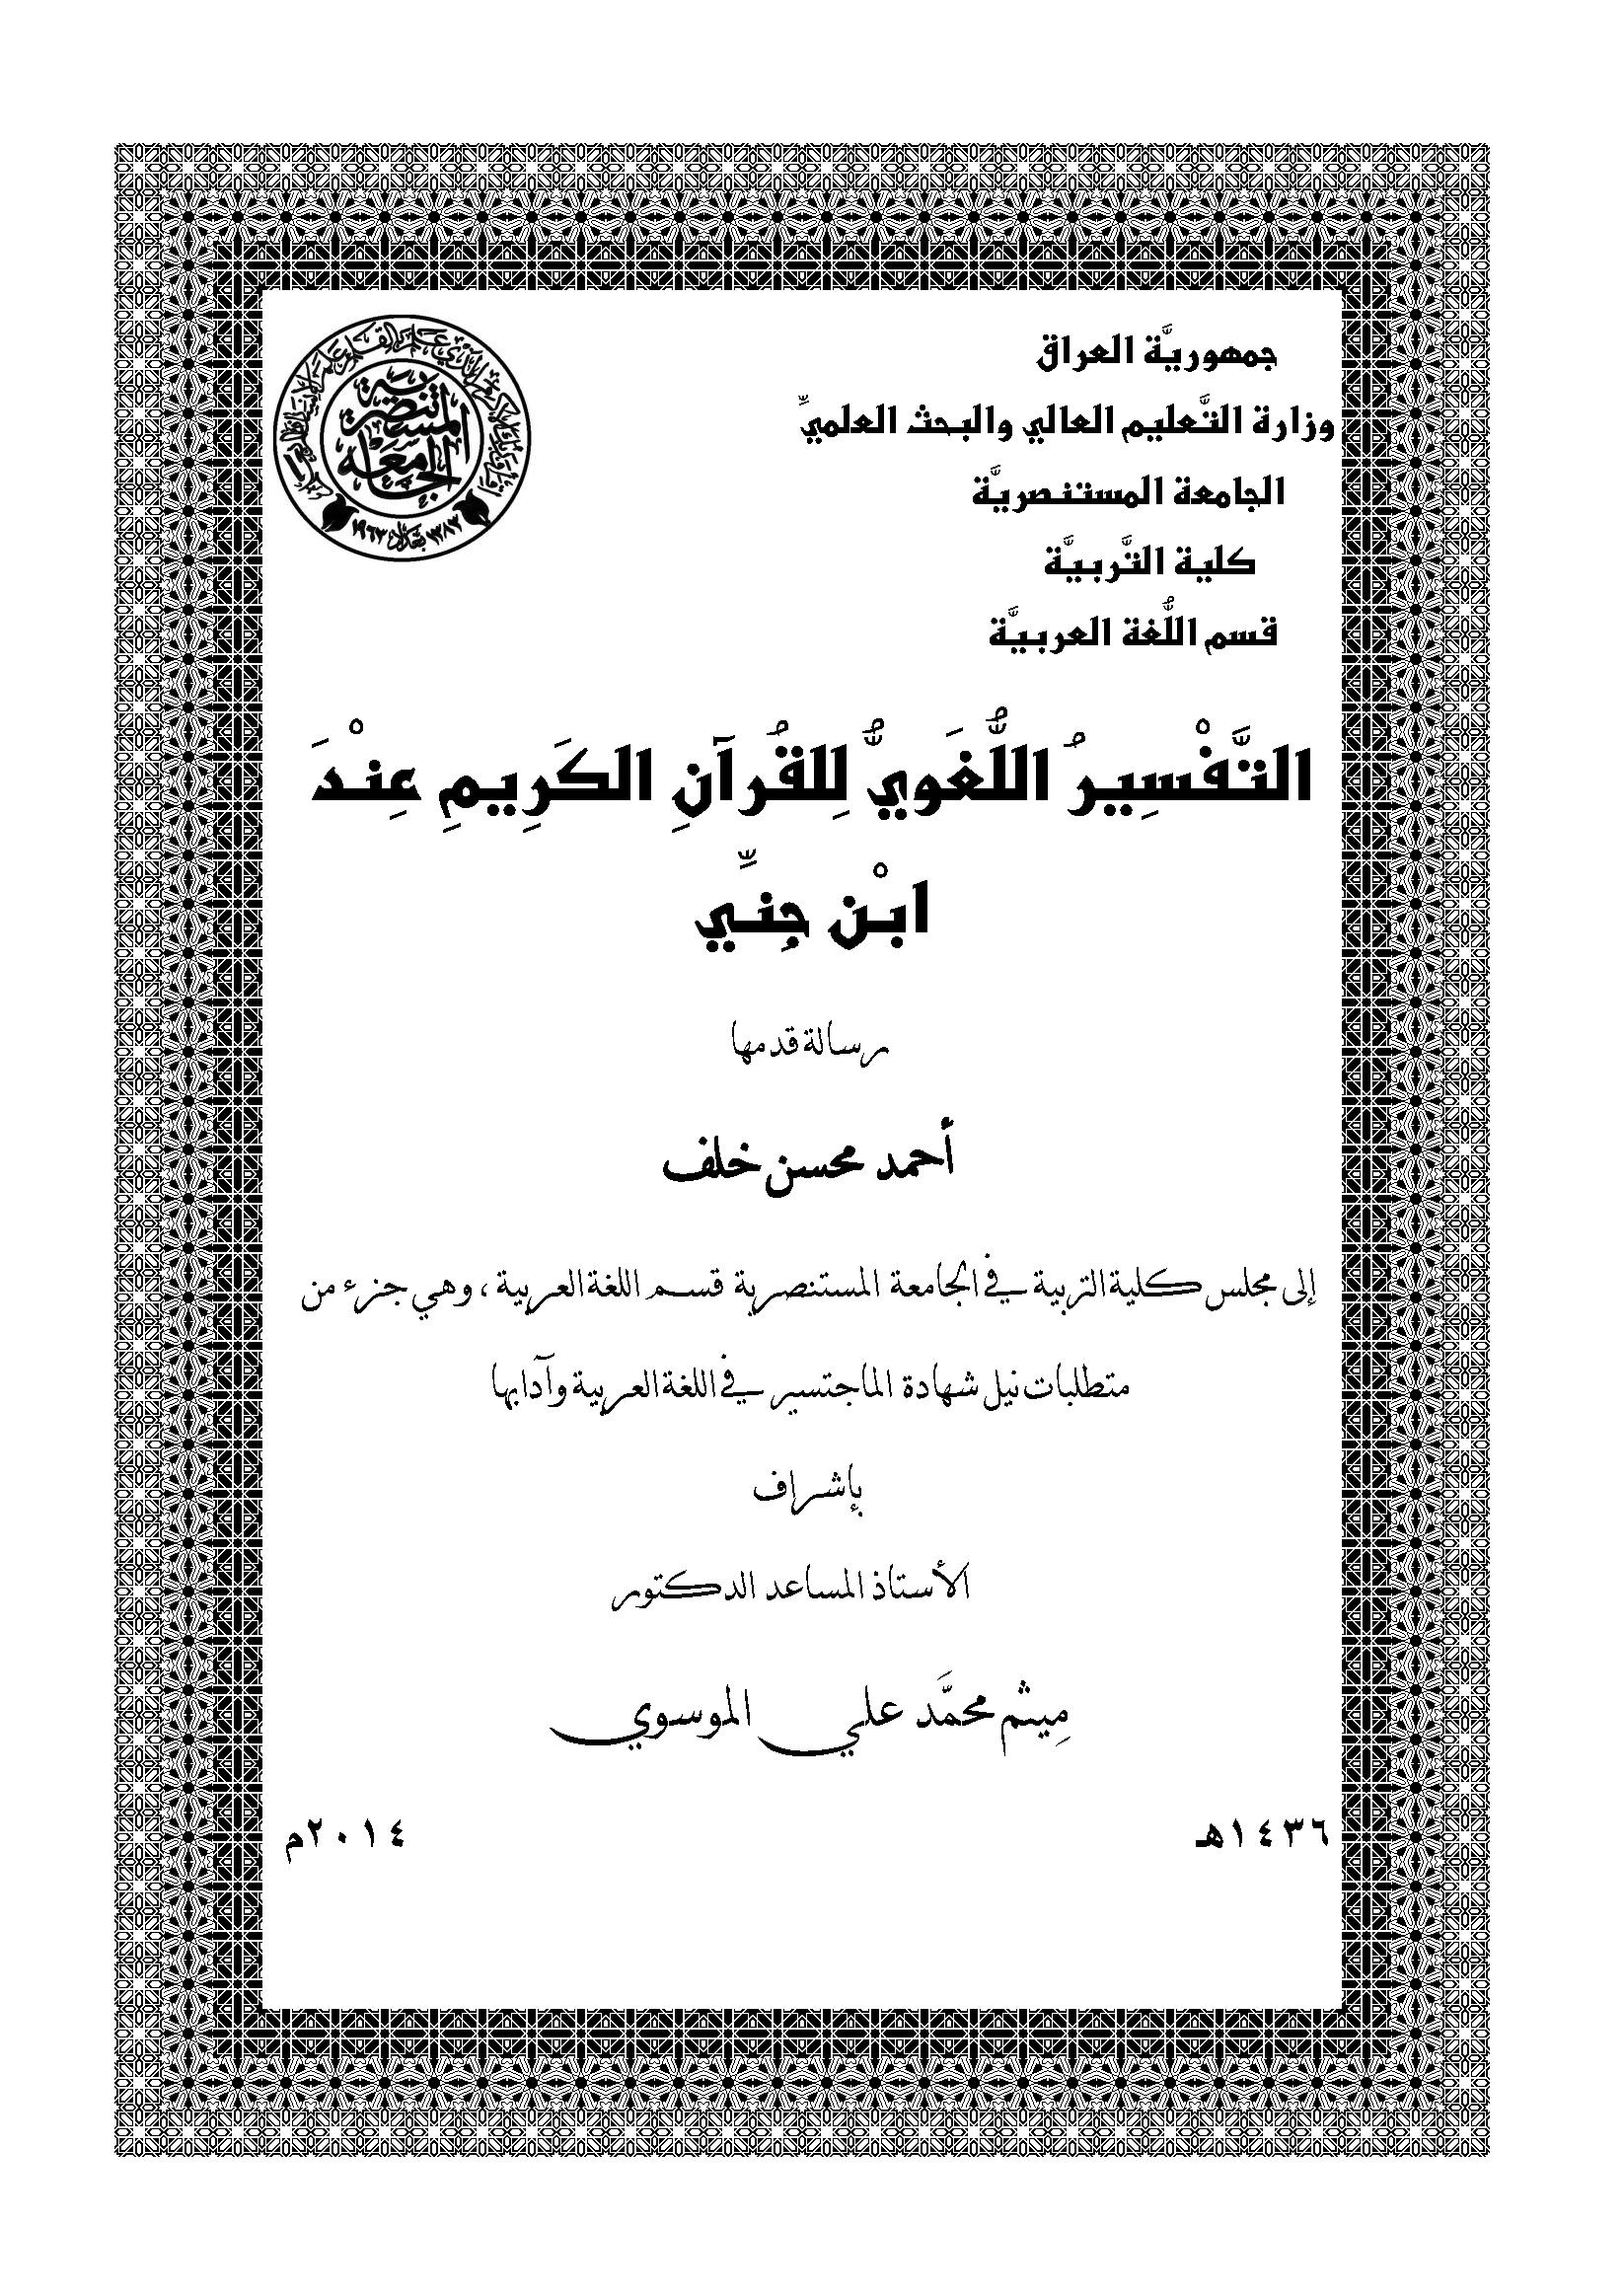 التفسير اللغوي للقرآن الكريم عند ابن جنِّي - أحمد محسن خلف